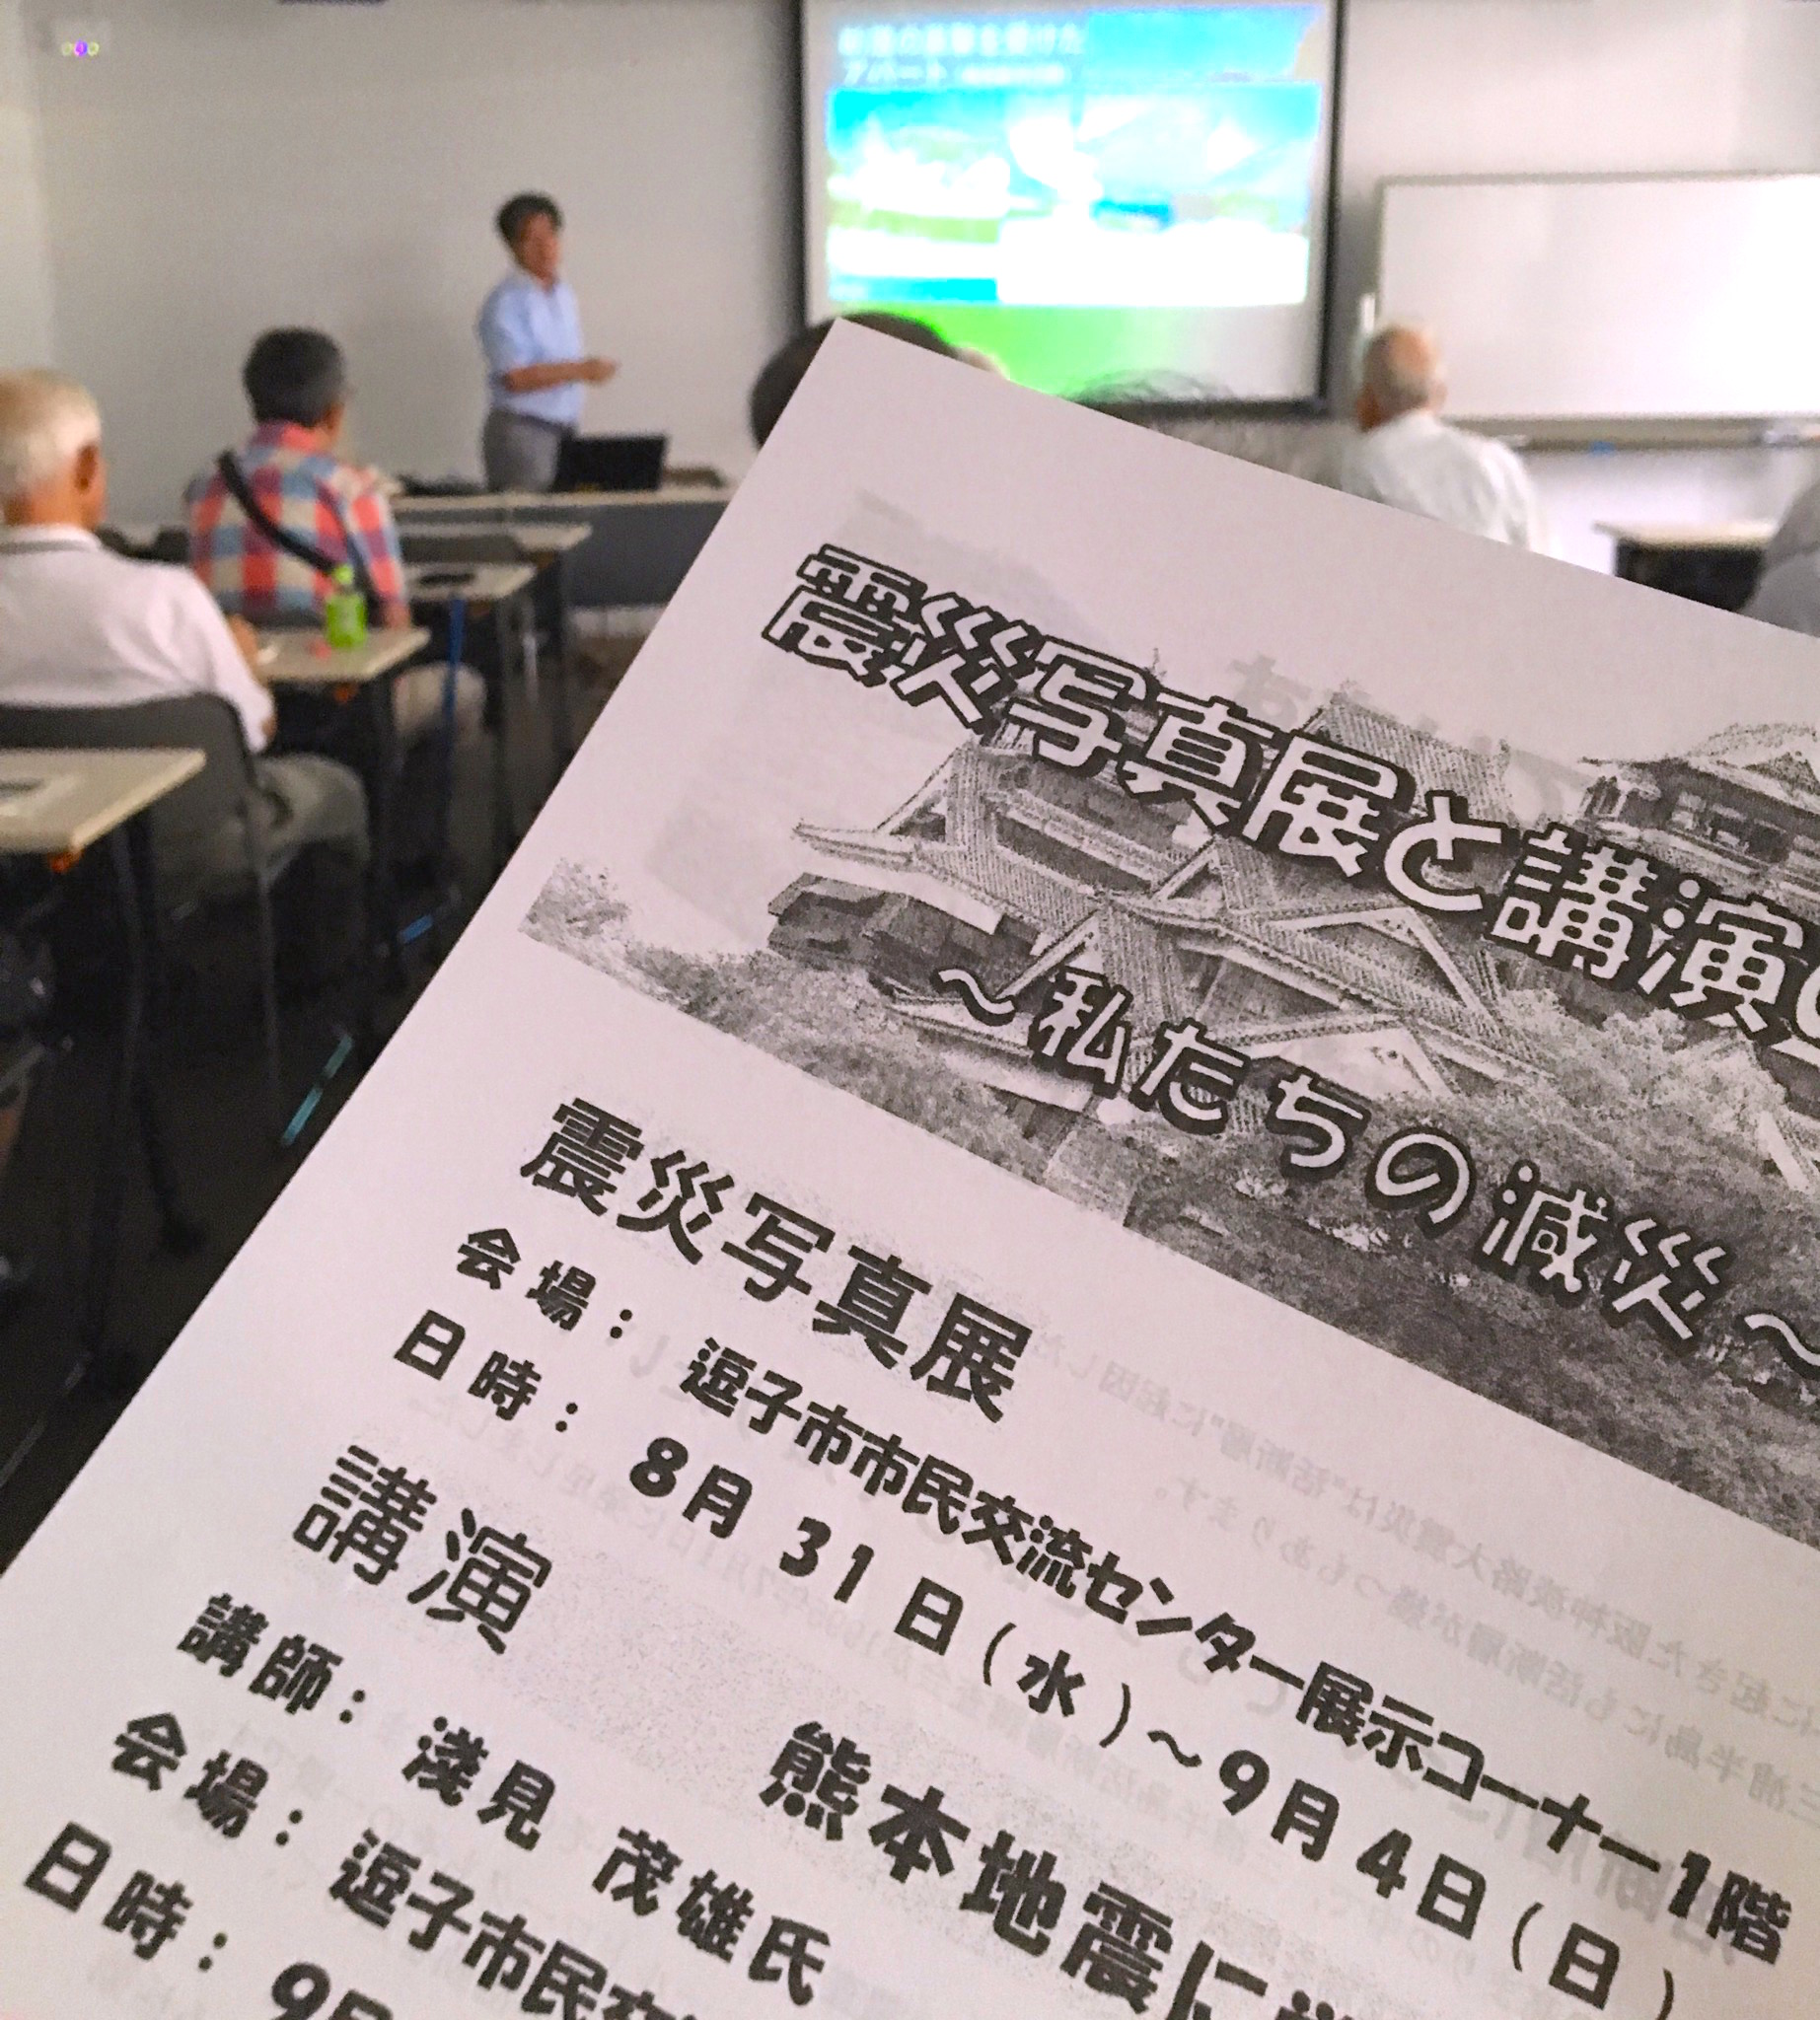 防災課・淺見さんの熊本地震視察報告の講演会(今回で3回目の聴講)